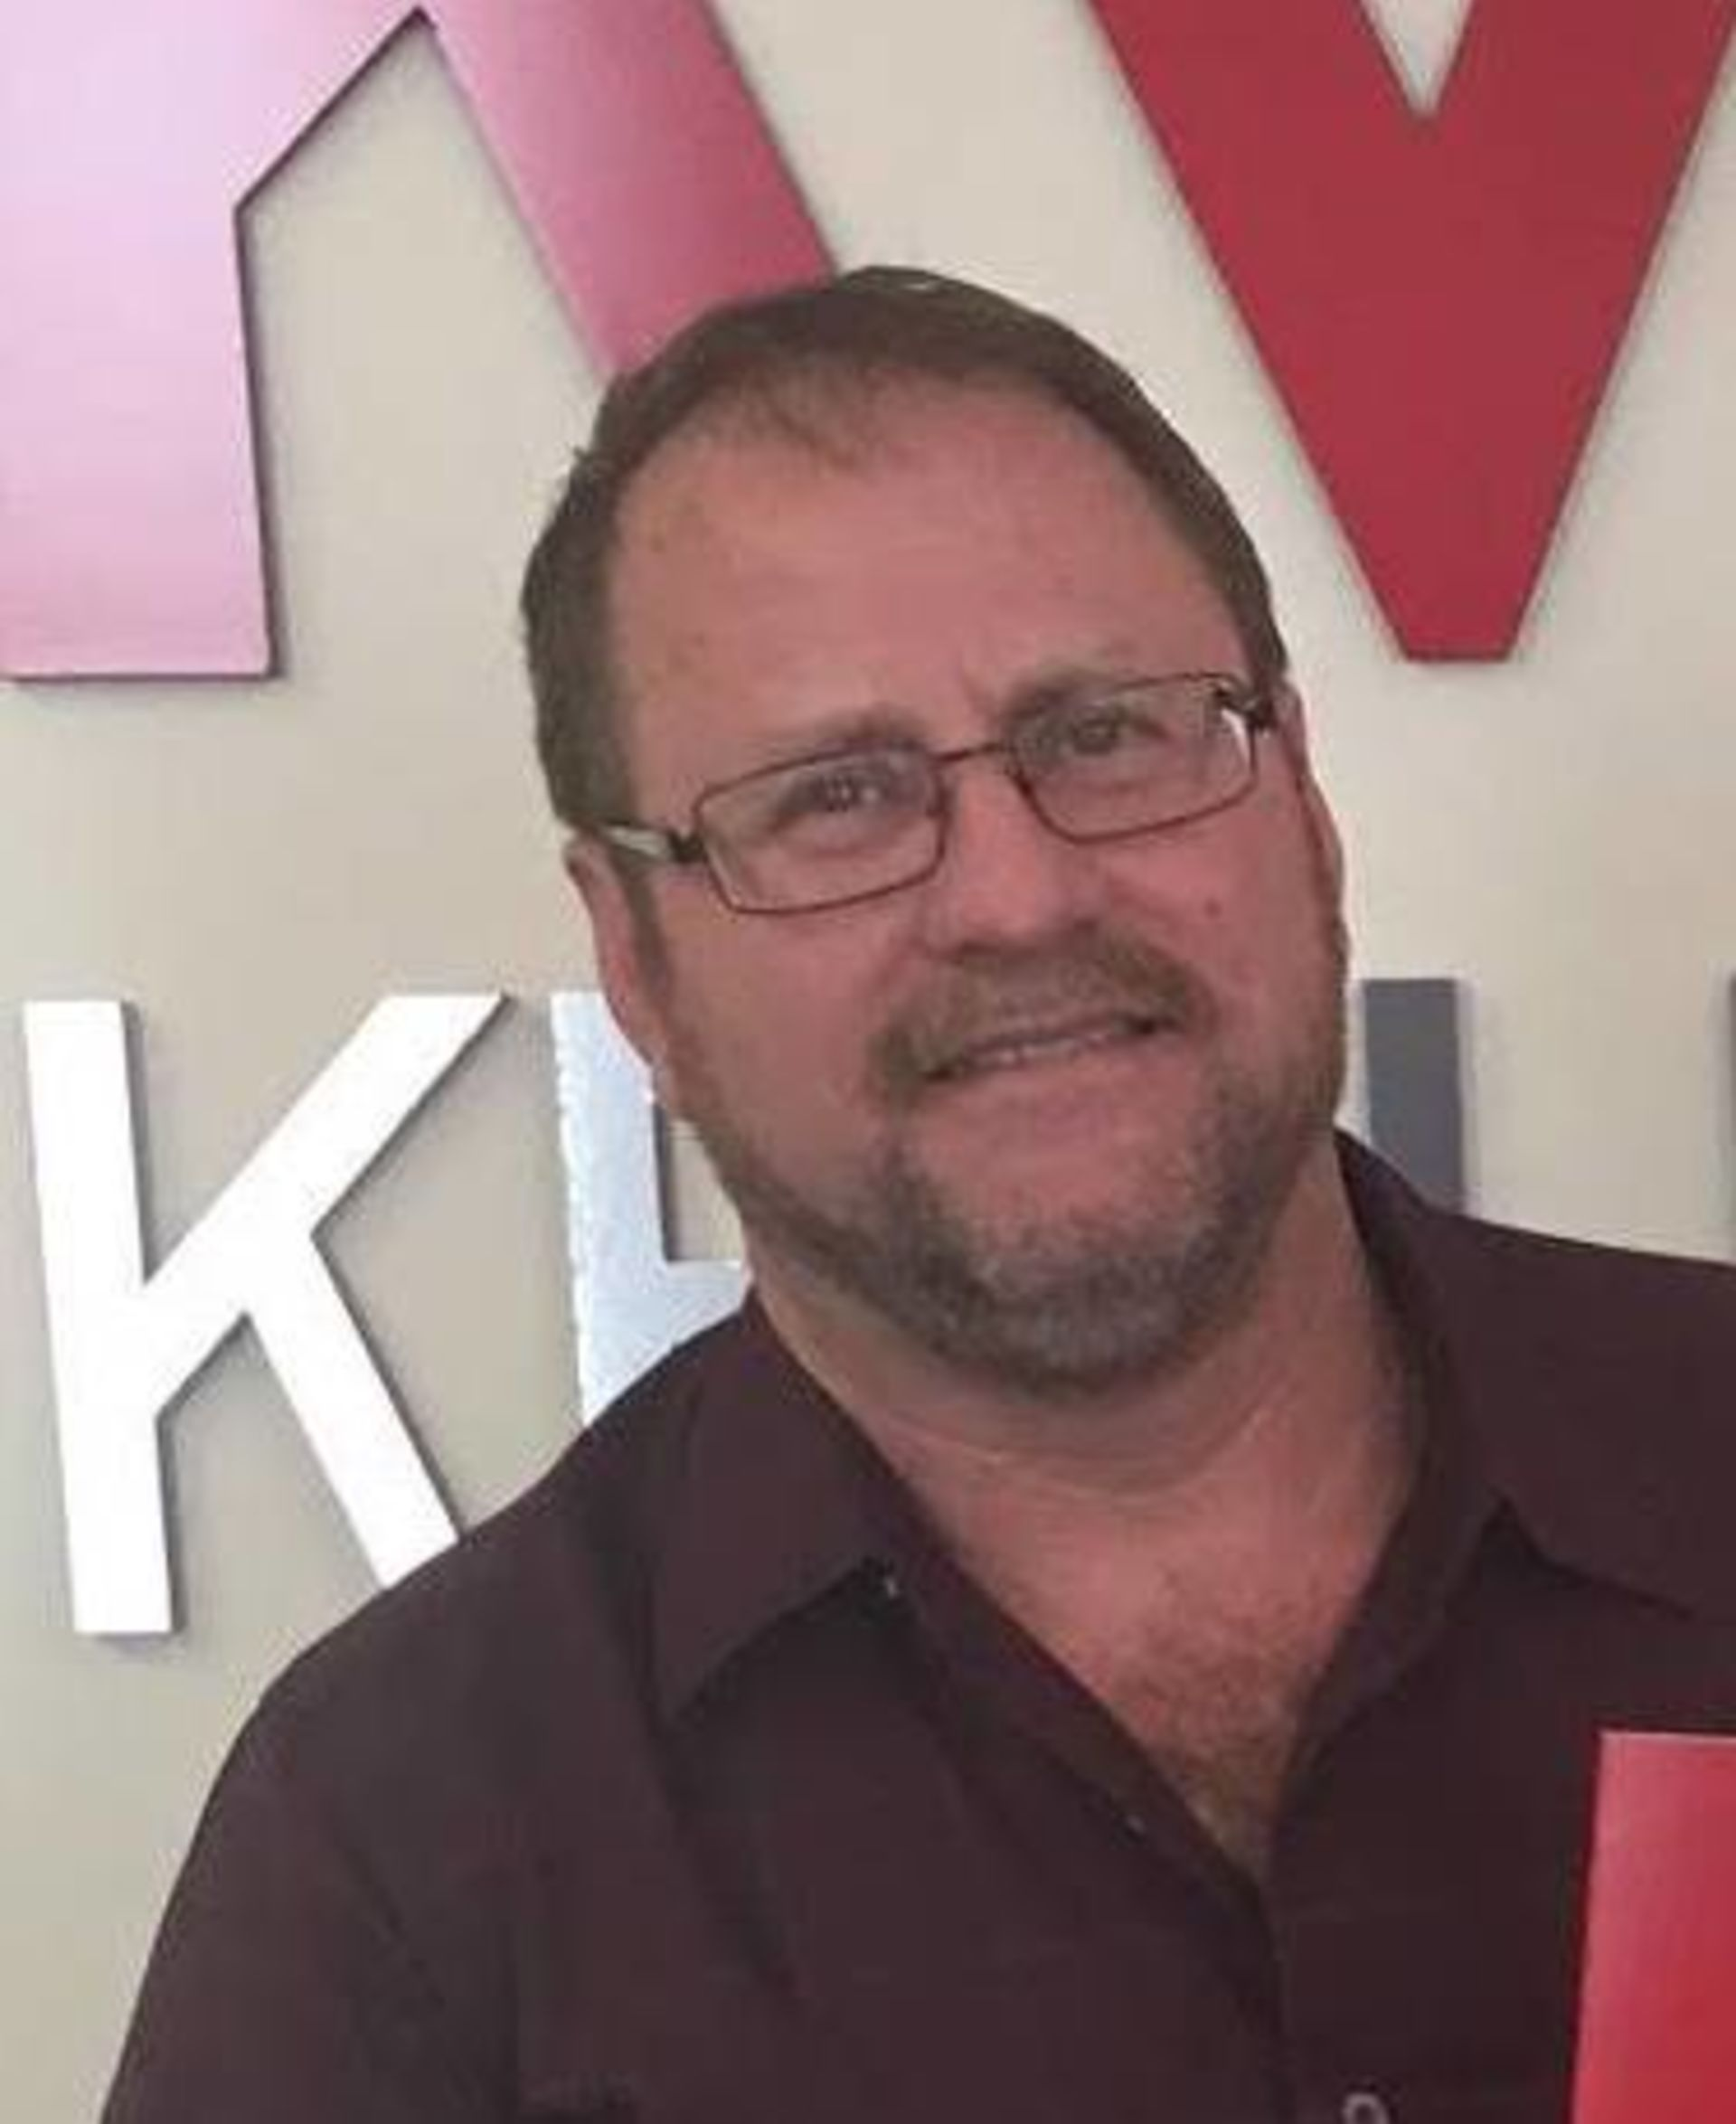 Hank Petrig